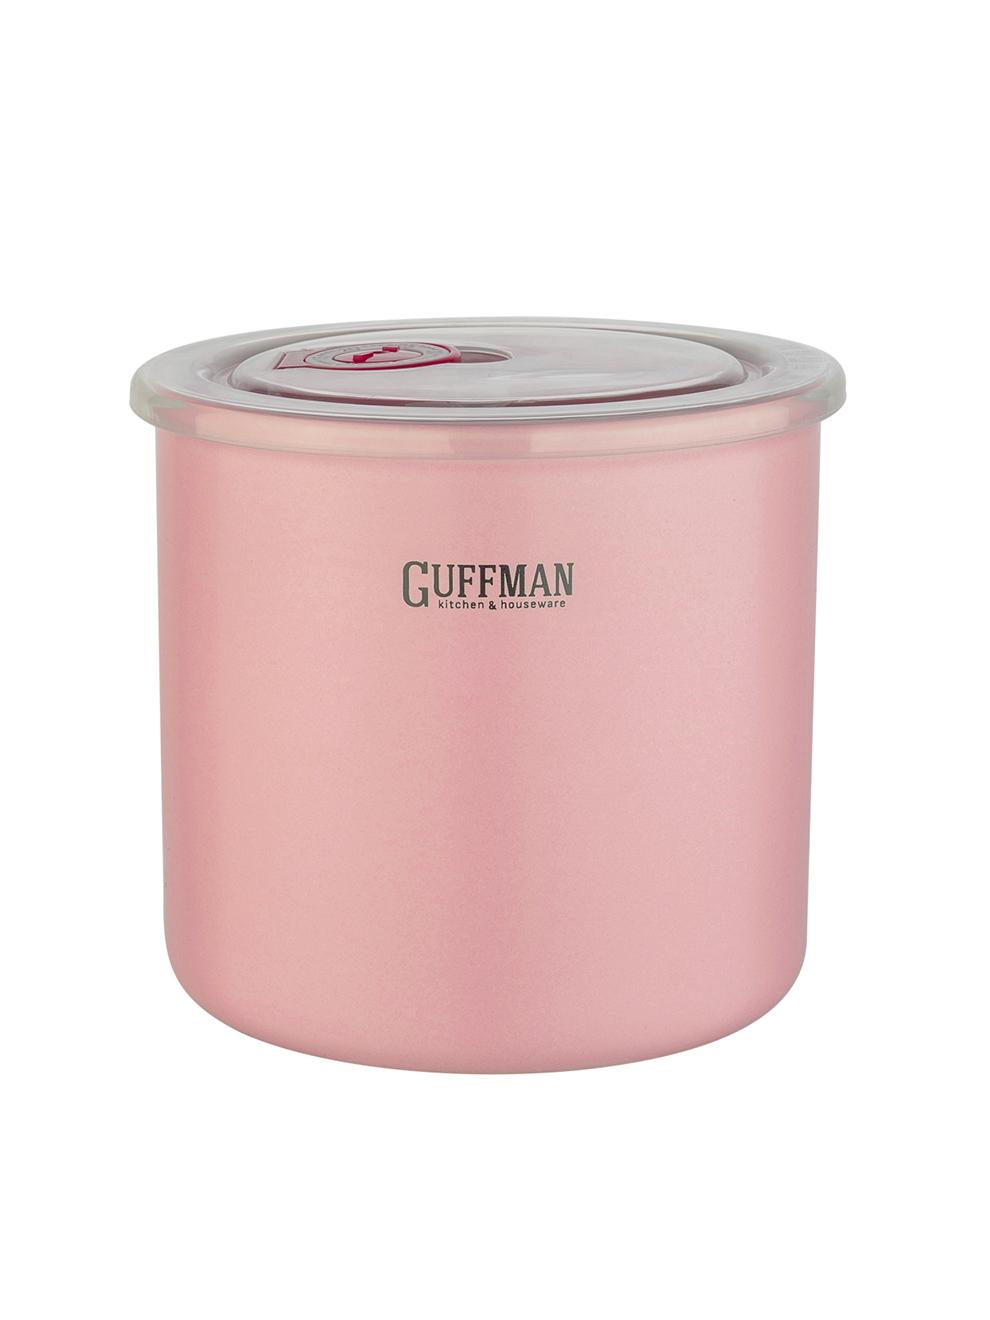 Банка керамическая с крышкой 1л Guffman розовая